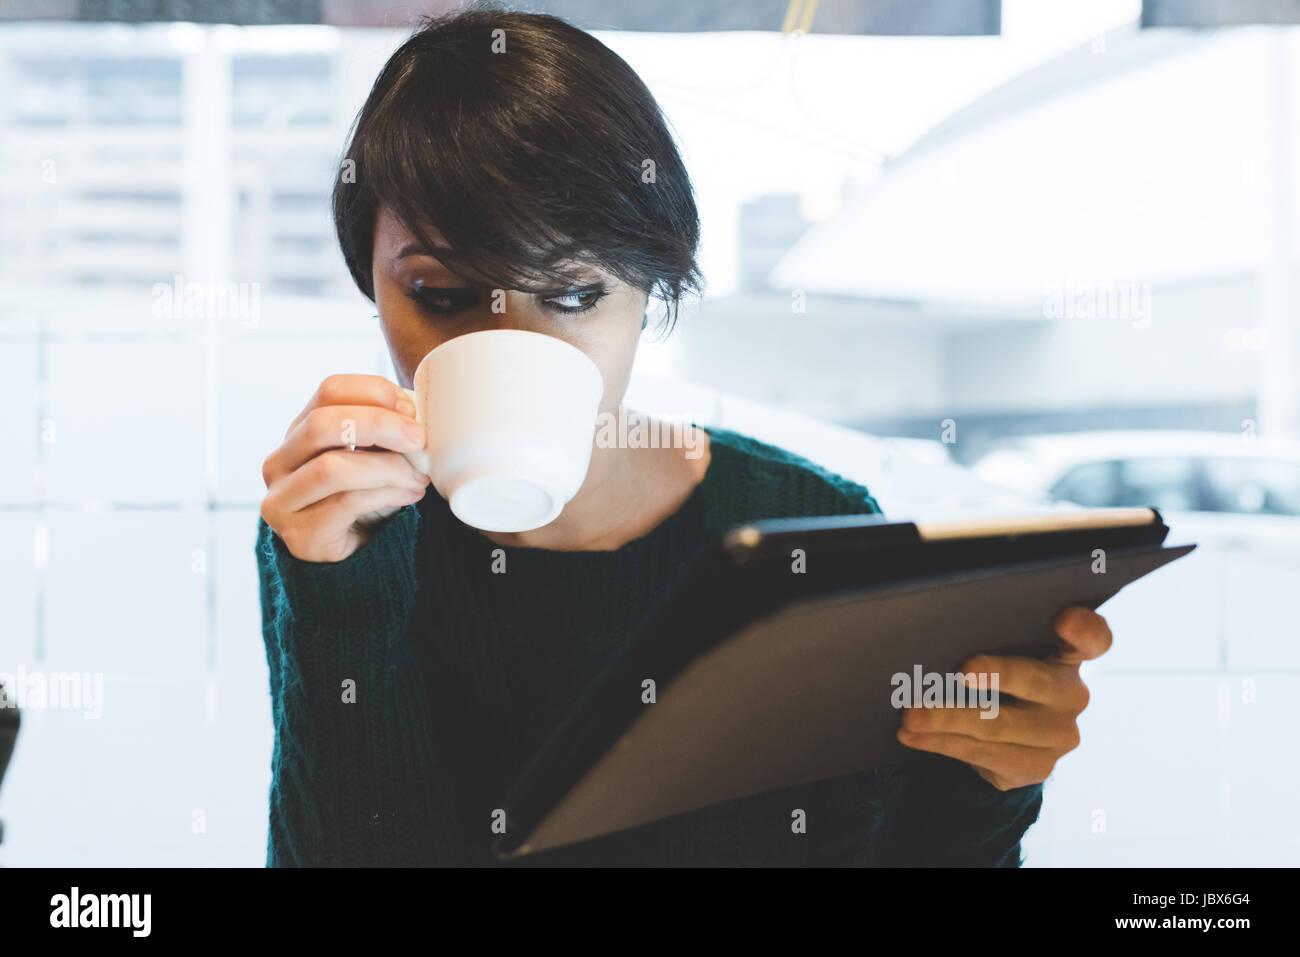 Mujer en el café mirando tableta digital y bebiendo café Imagen De Stock